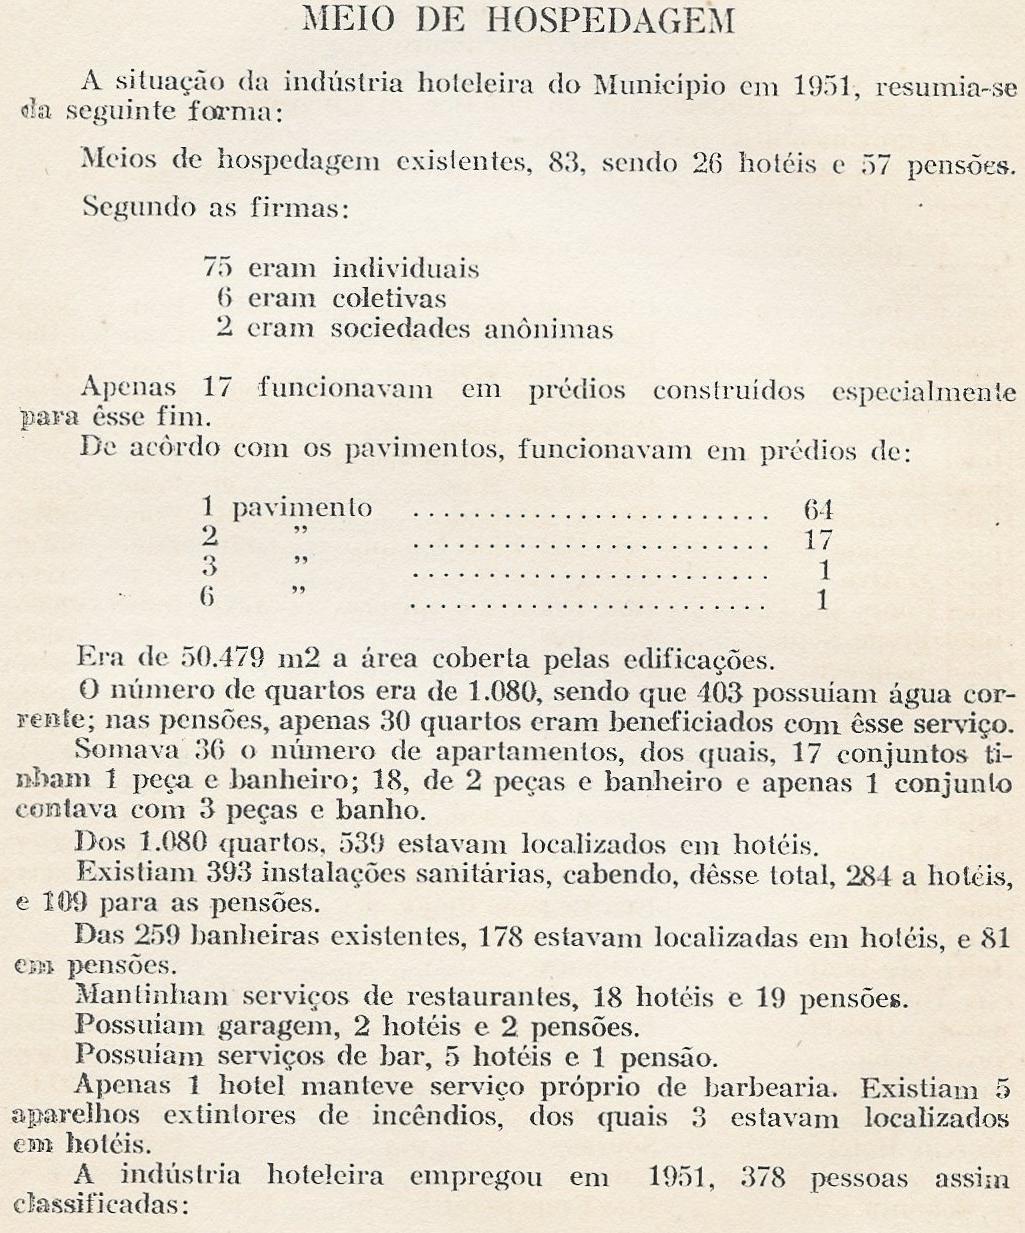 meio-de-hospedagem-1951-1